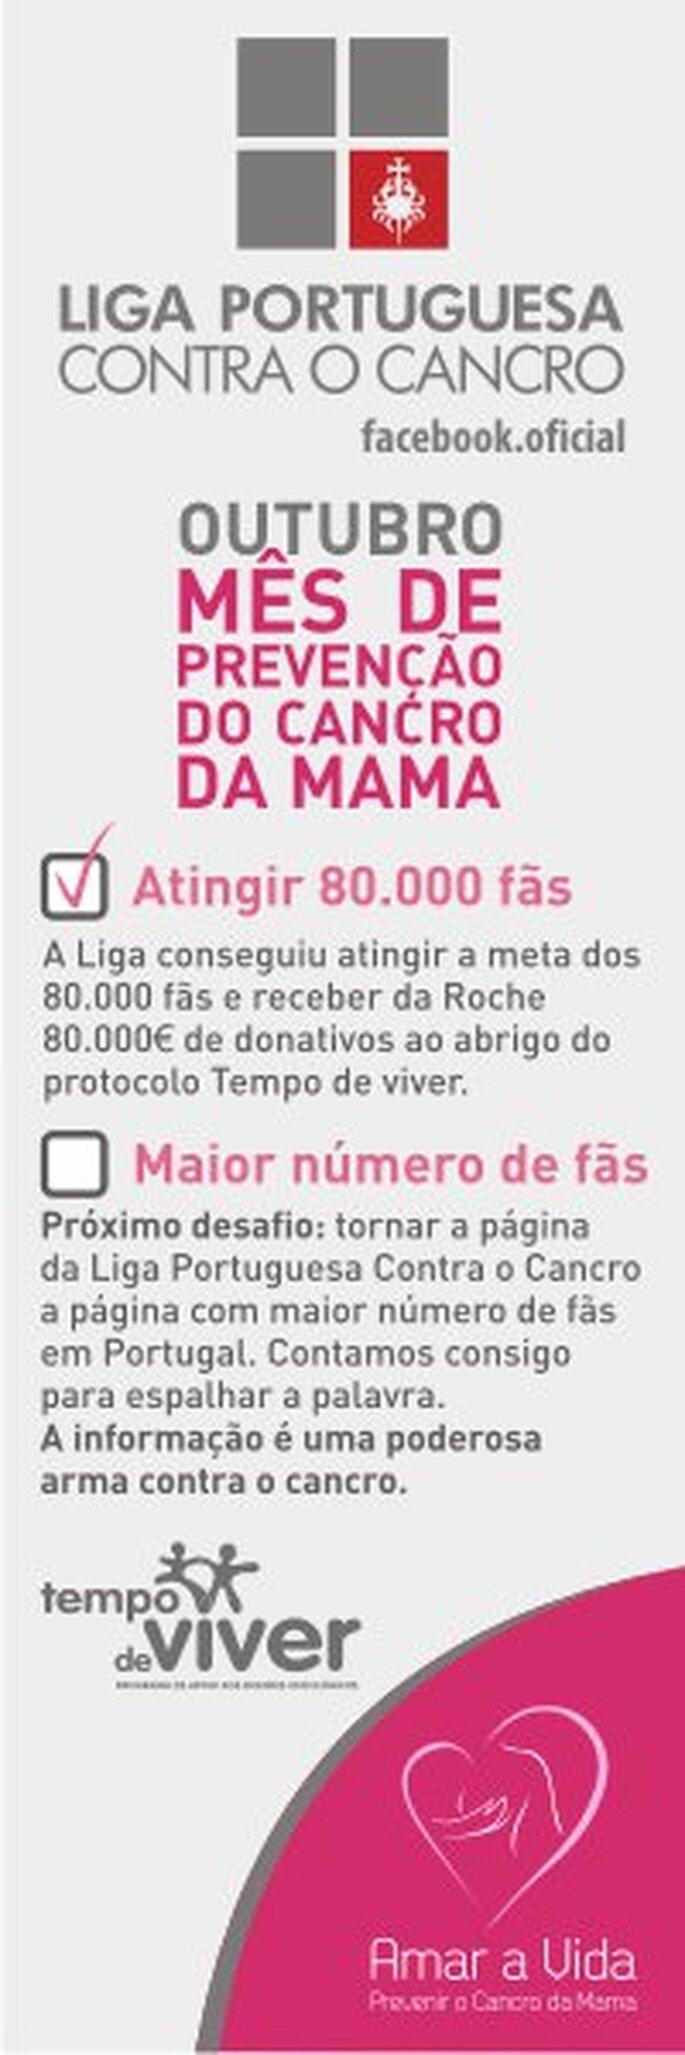 Outubro - Mês de prevenção contra o cancro da mama